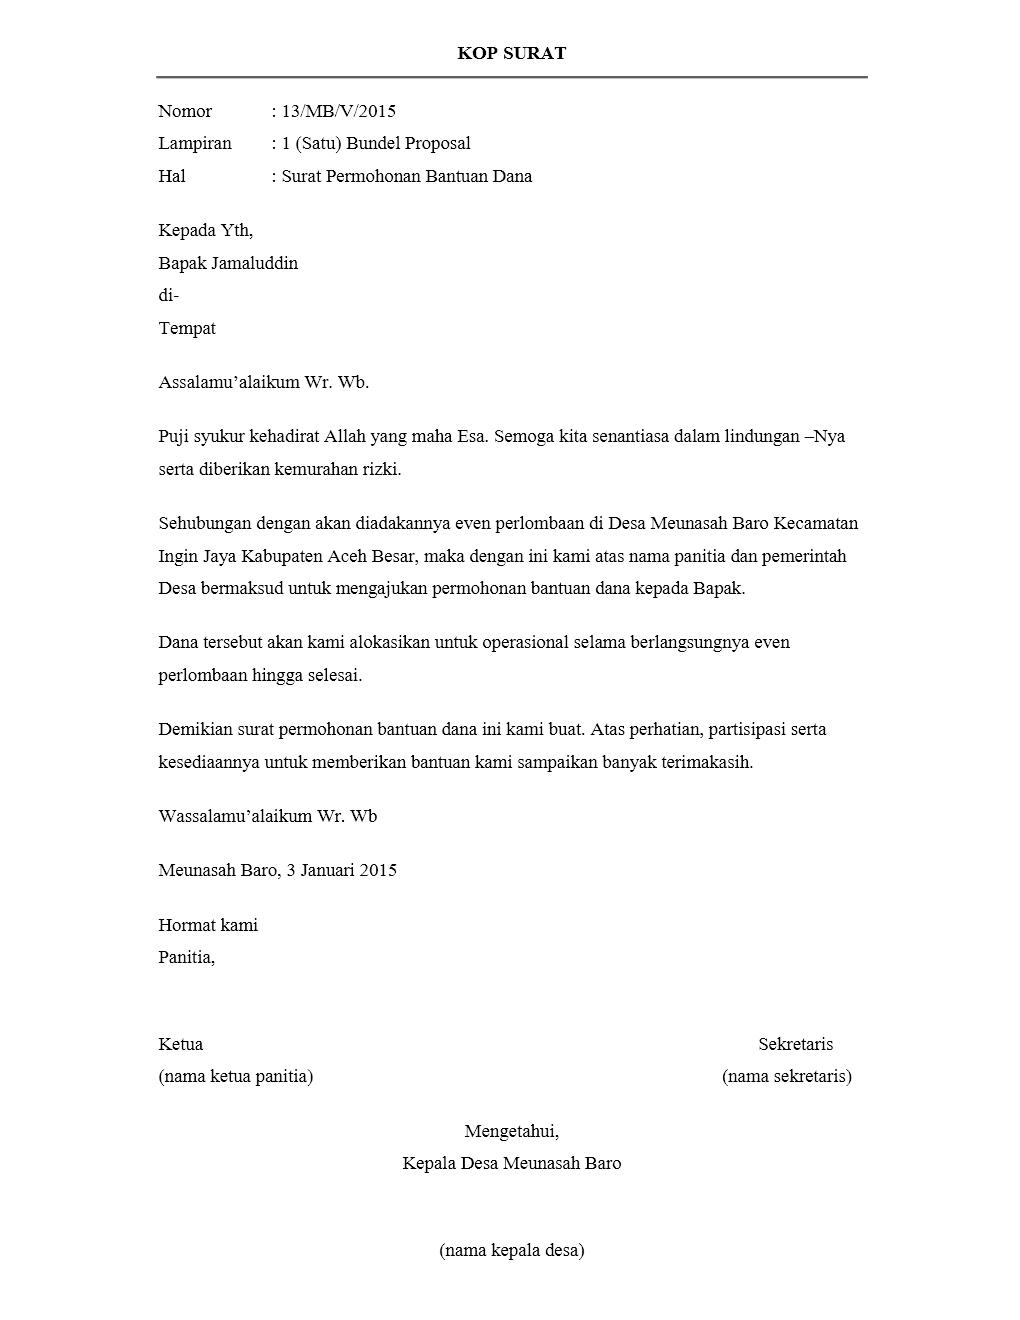 Contoh Surat Pengantar Proposal Yang Resmi Dan Benar